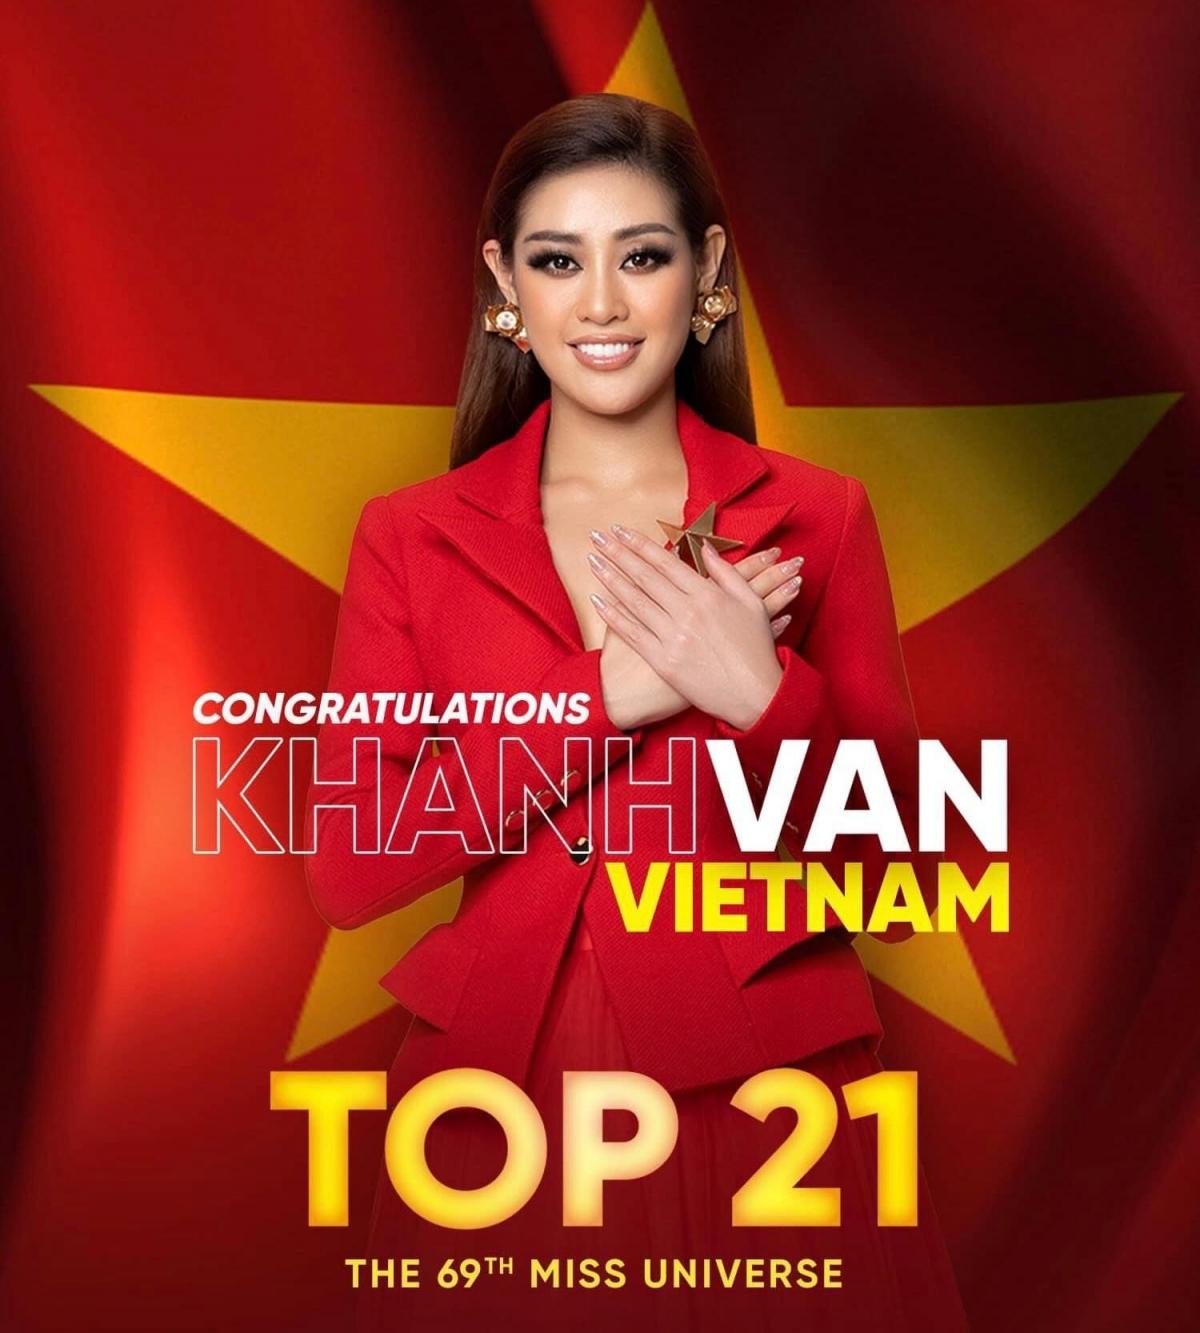 Dừng chân ở Top 21 nhưng Khánh Vân đã cố gắng hết mình trong suốt cuộc thi giữa 73 đối thủ xuất sắc năm nay./.